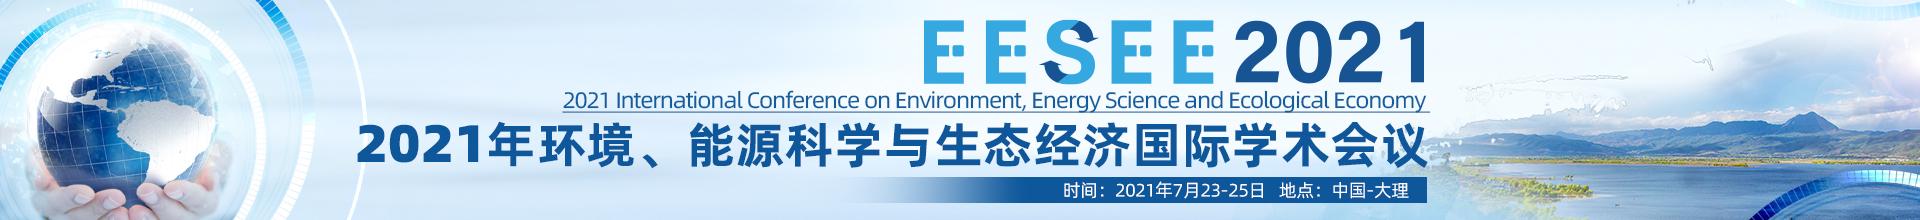 7月大理站-EESEE2021-学术会议云-何霞丽-20210226.jpg